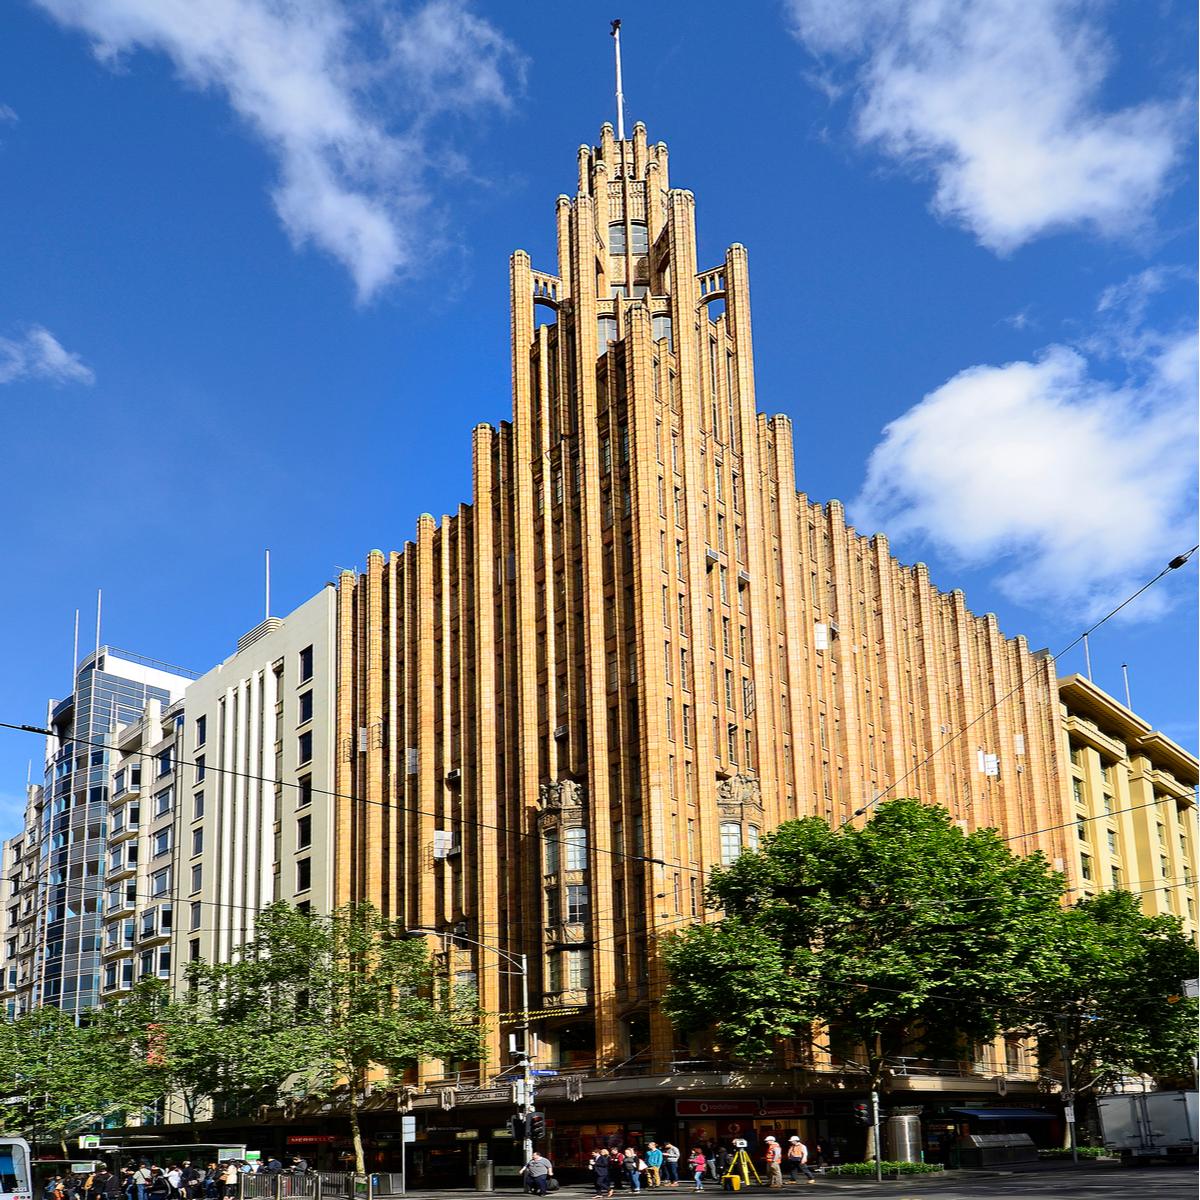 Manchester Unity Building art deco Melbourne Australia